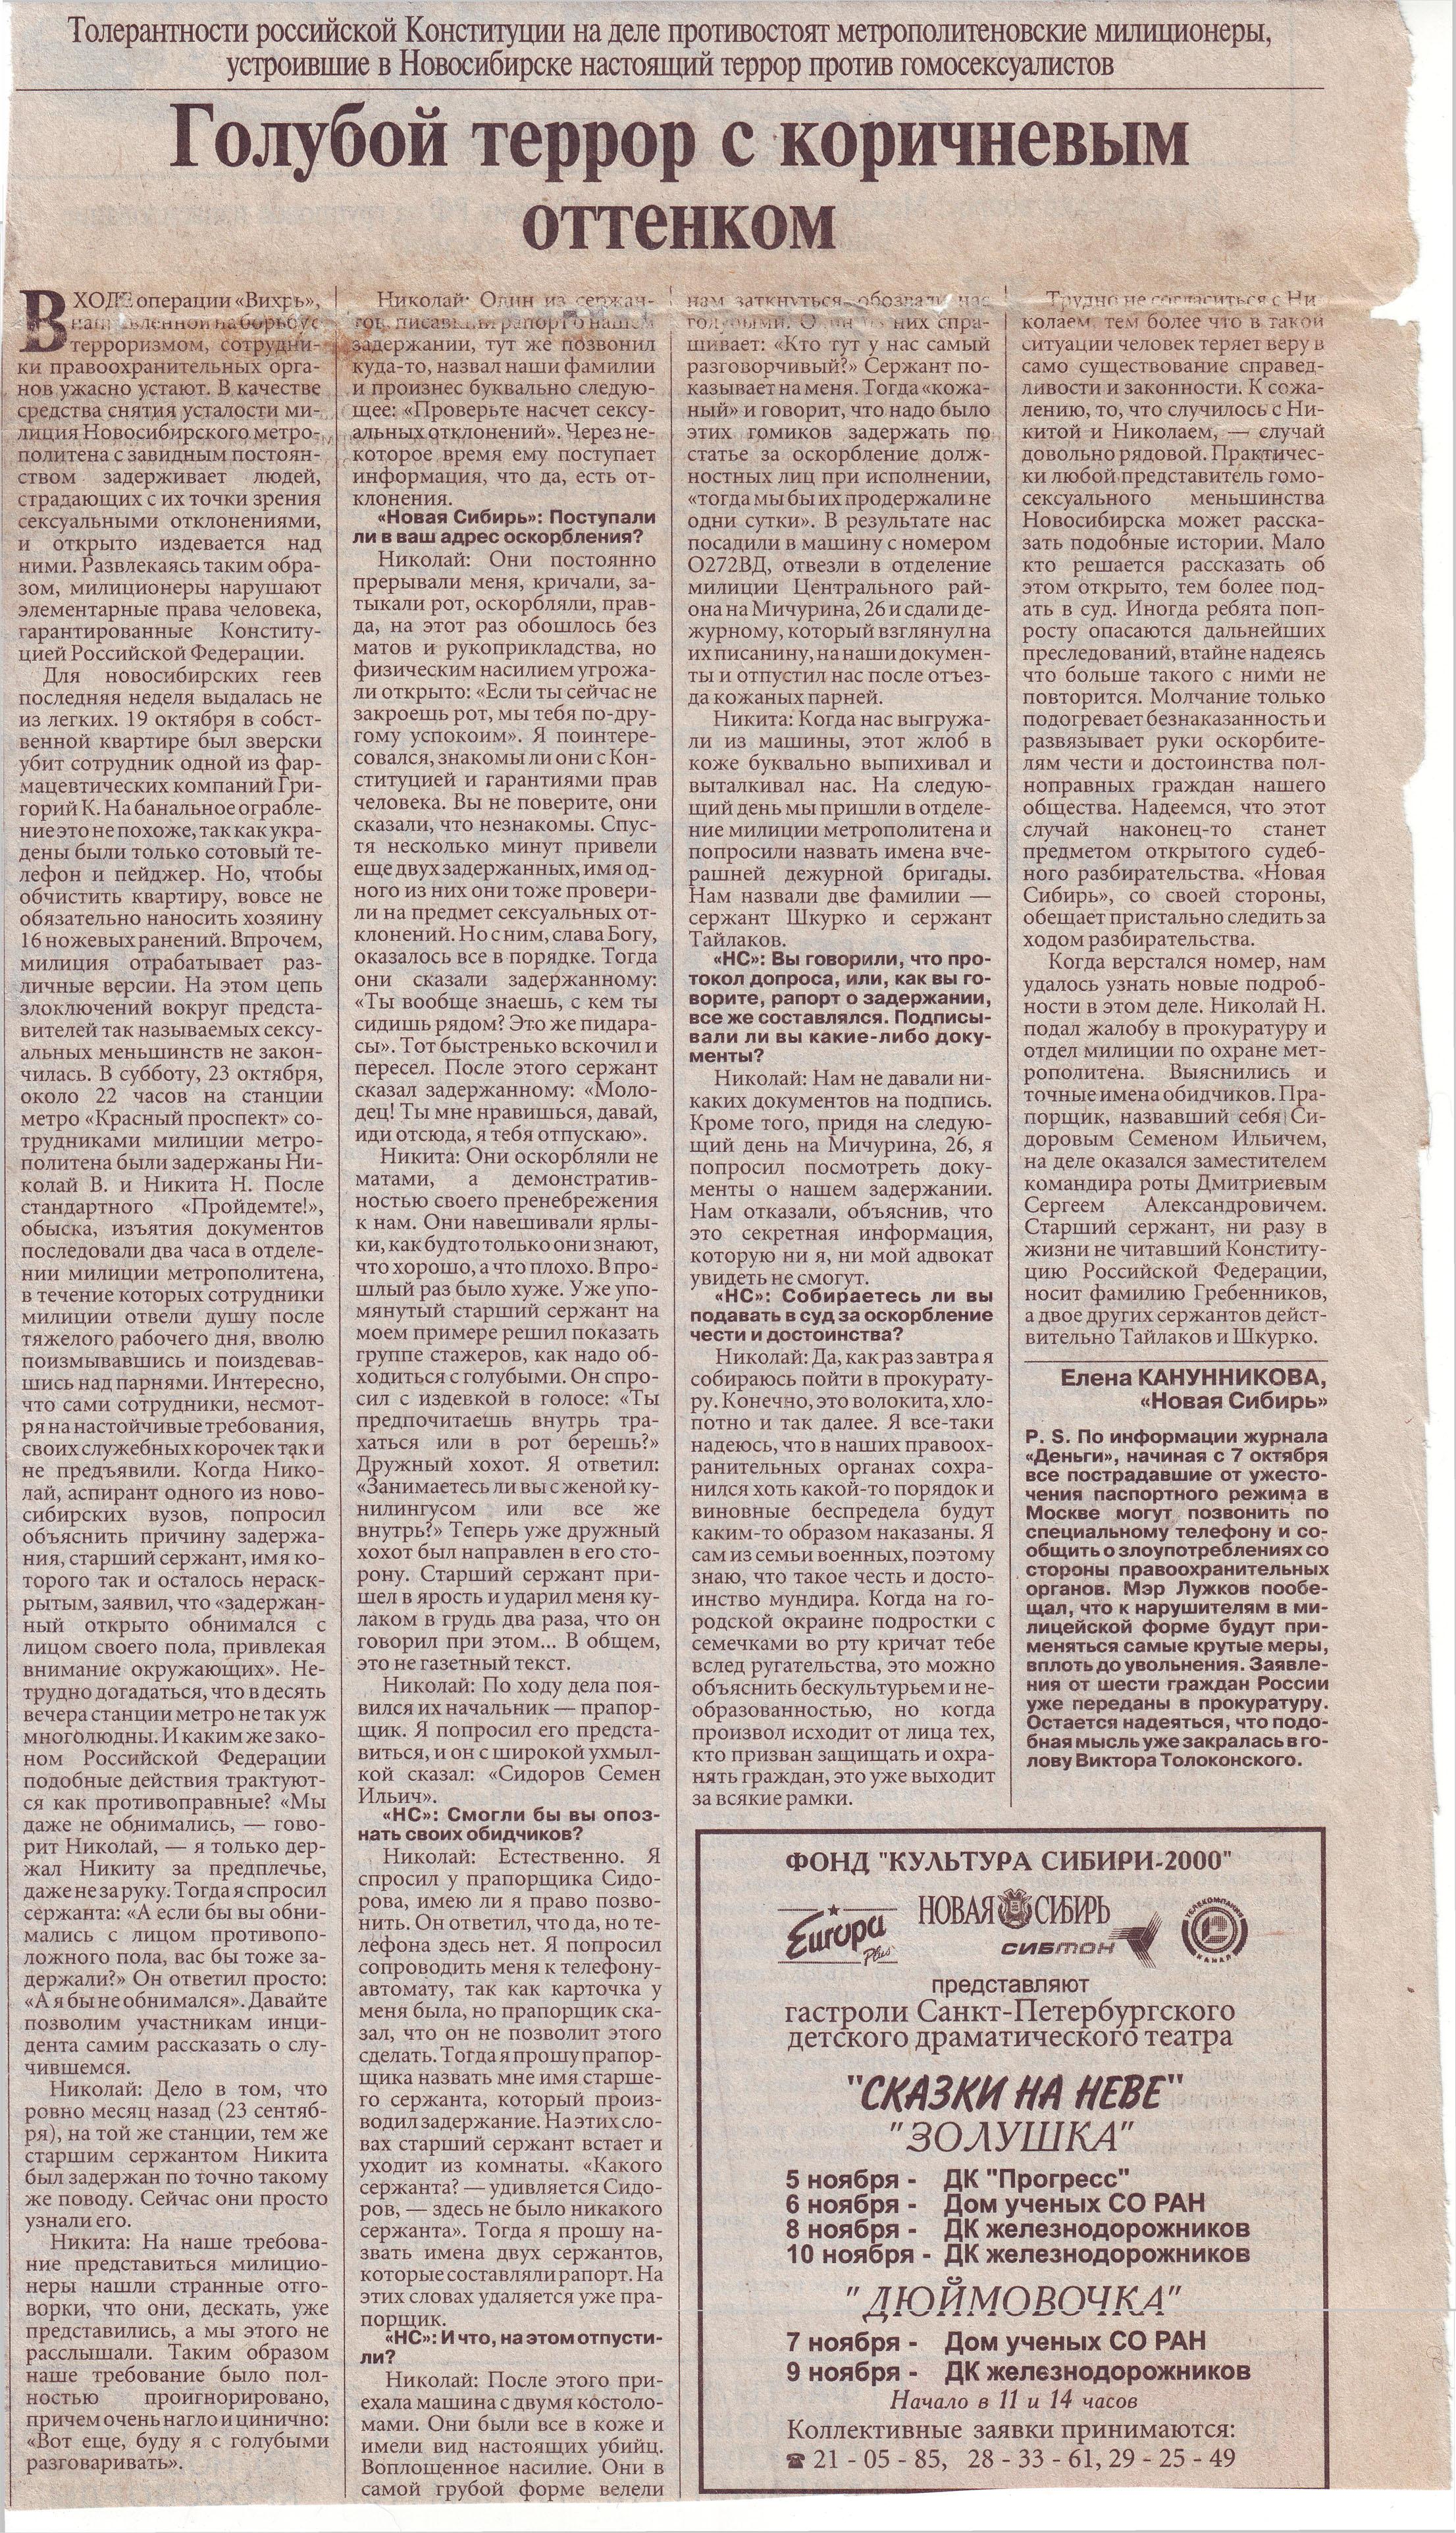 «Голубой террор с коричневым оттенком». Газета «Новая Сибирь», 29 октября 1999 года